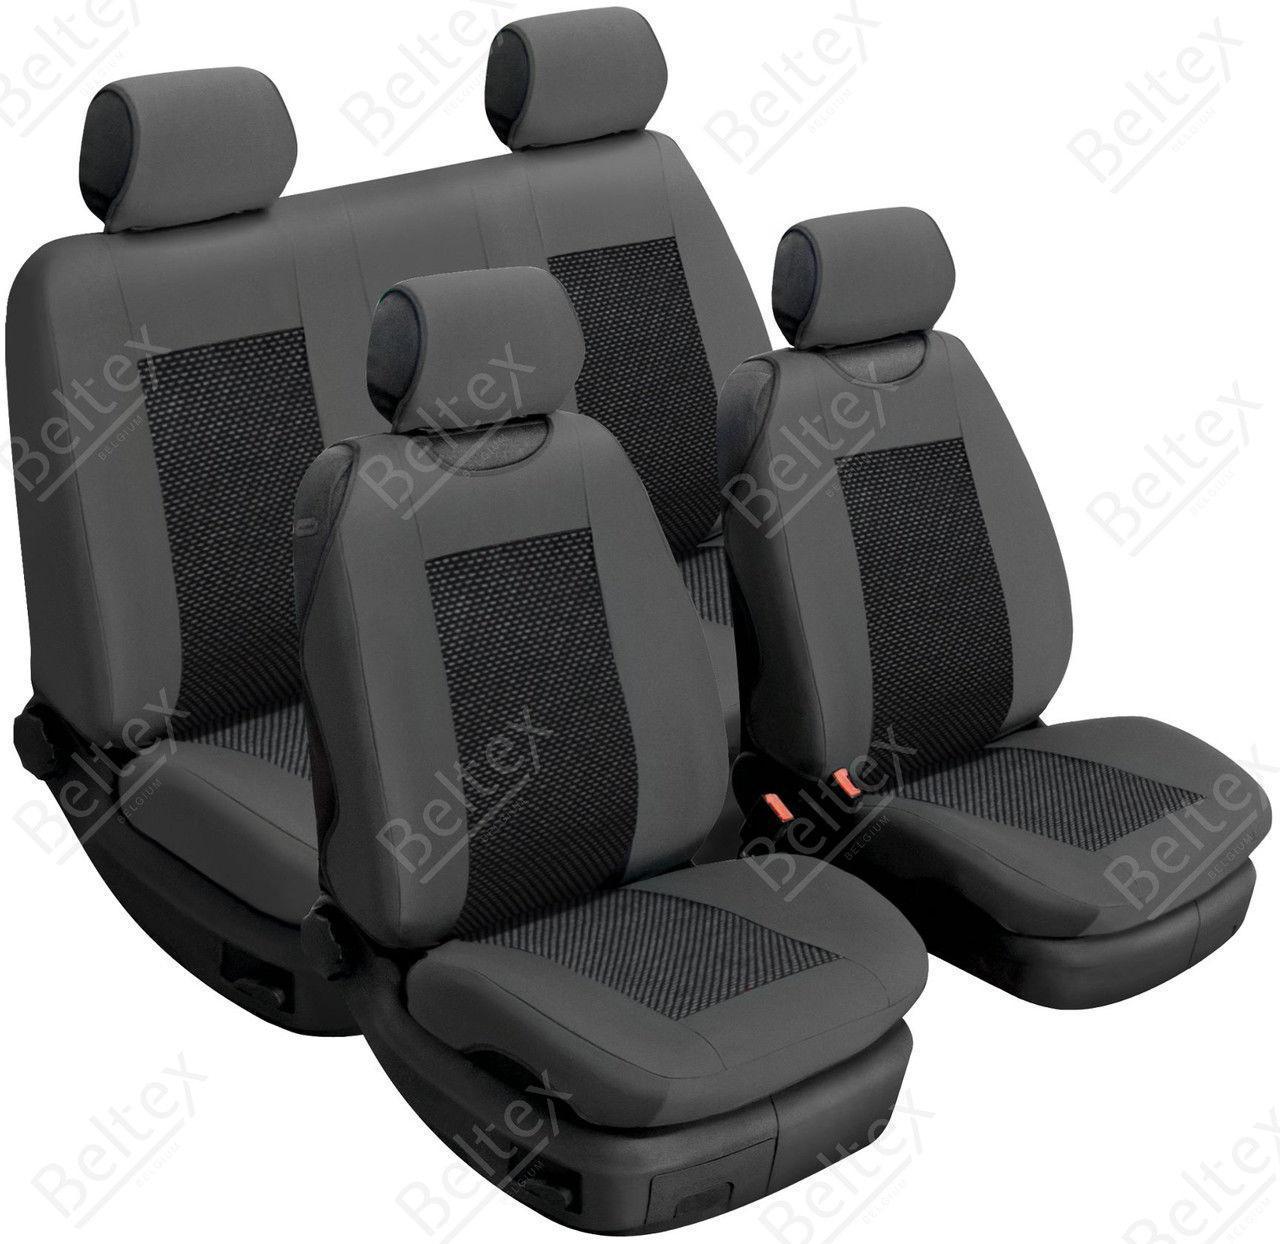 Майки/чехлы на сиденья БМВ Ф10 (BMW F10)